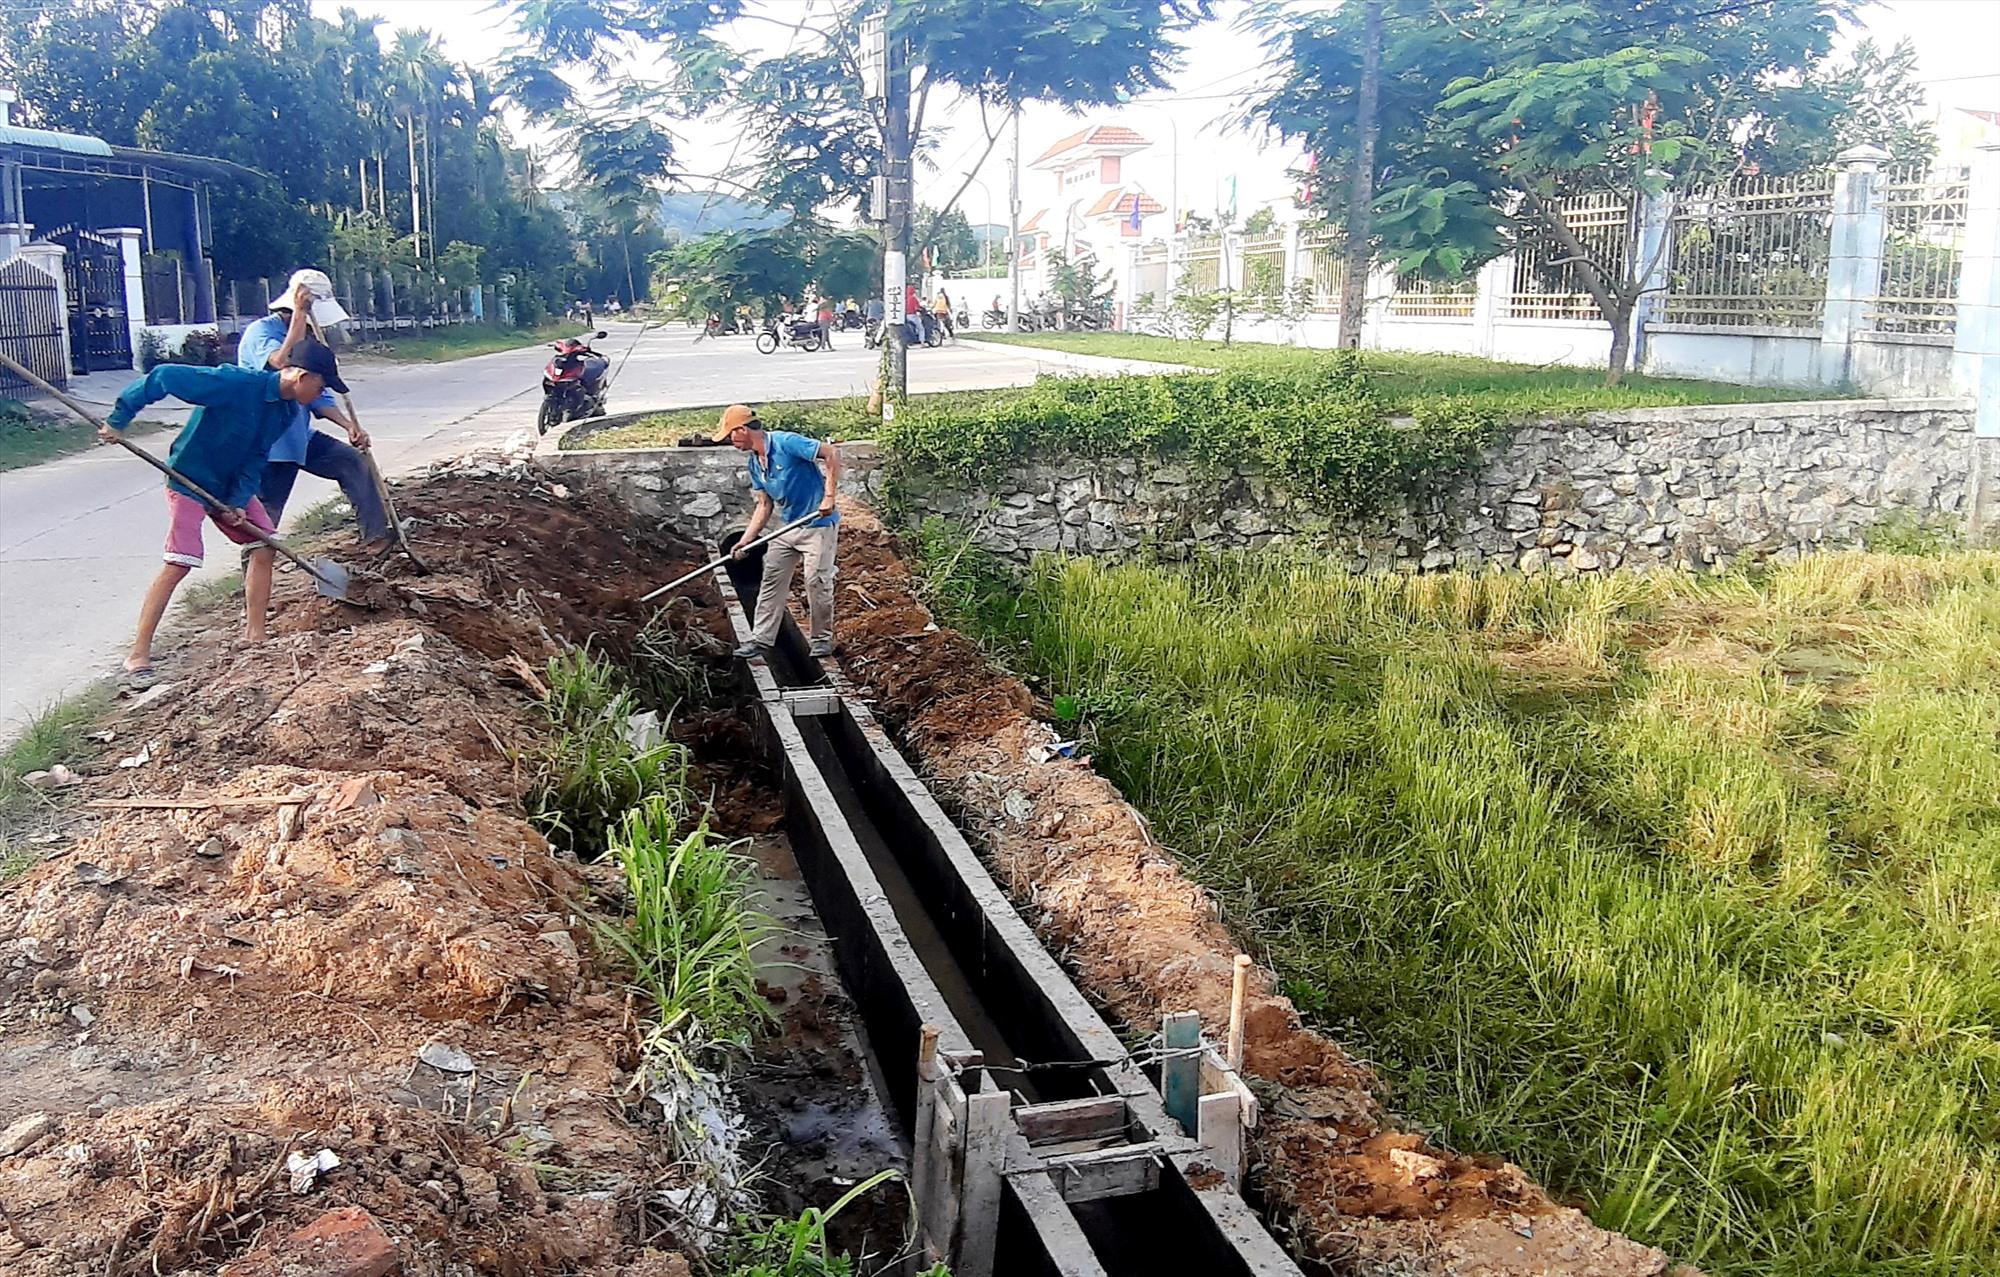 Nhiều địa phương ở Quế Sơn tập trung sửa chữa, gia cố hệ thống kênh mương nhằm đảm bảo cung ứng nước tưới cho cây trồng. Ảnh: VĂN SỰ